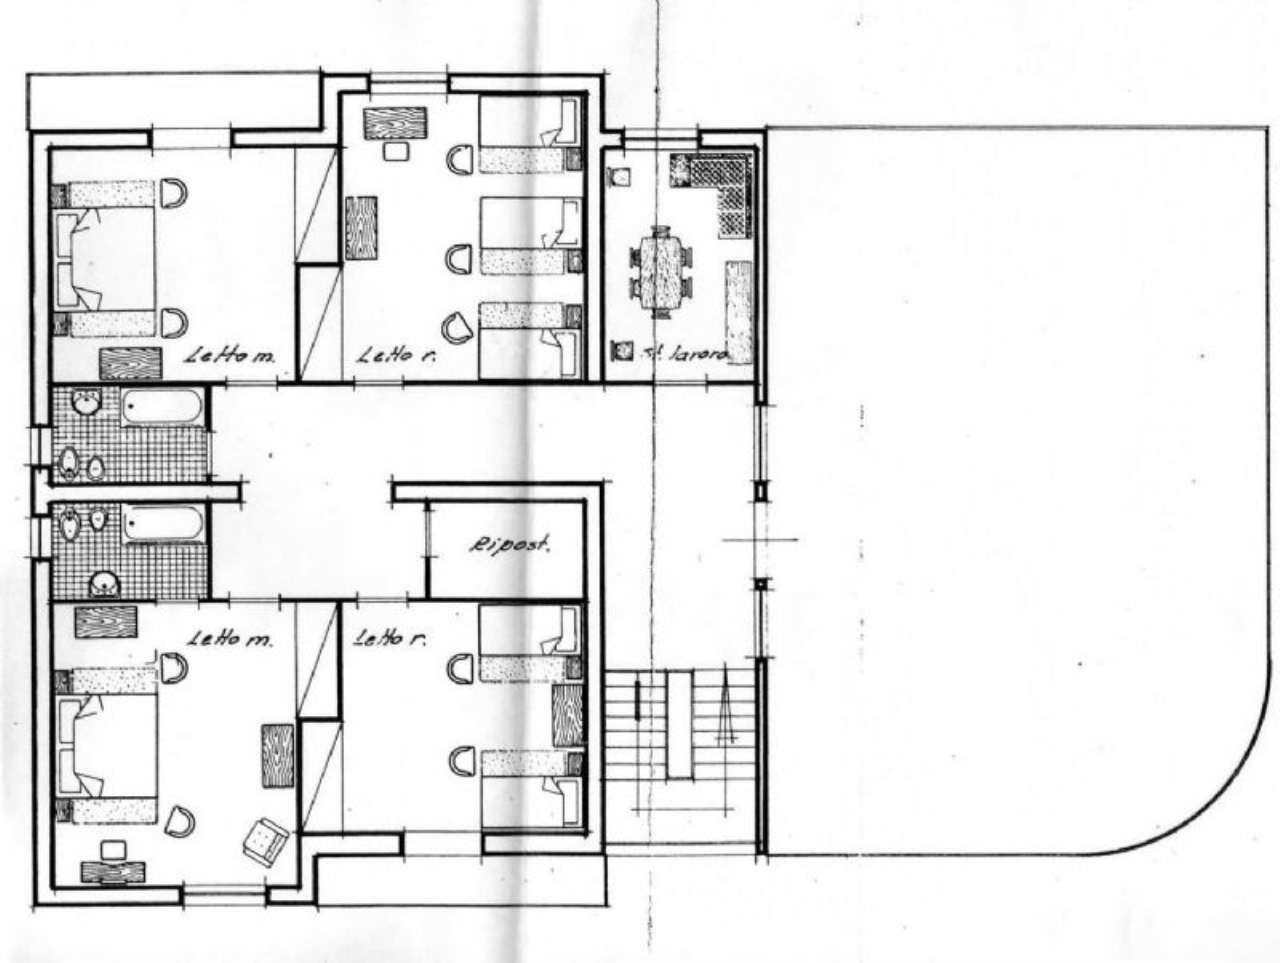 Appartamento in vendita a Statte, 4 locali, prezzo € 100.000 | Cambio Casa.it